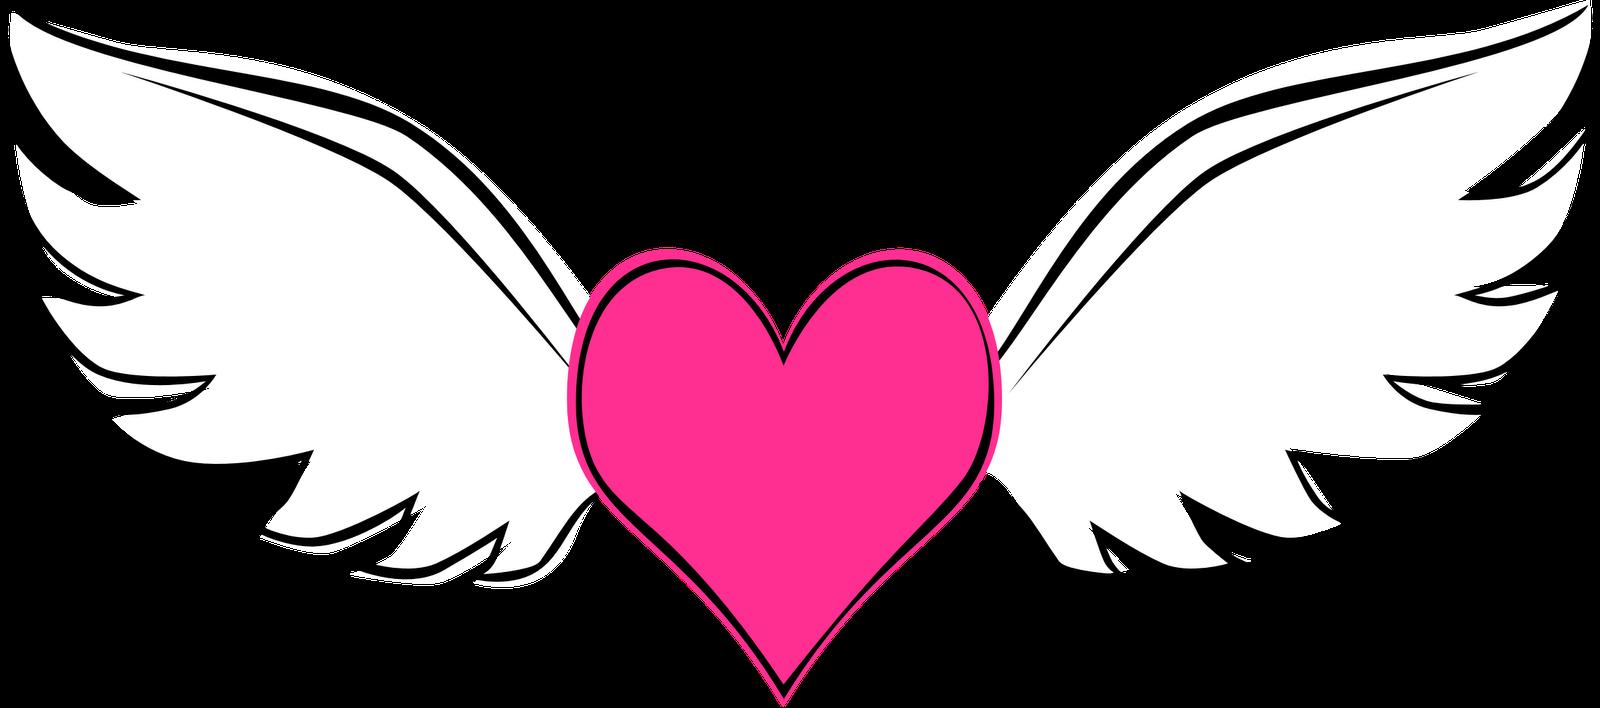 Png Kalp Resimleri, Png Aşk Resimleri, Png Harika Kalp ...